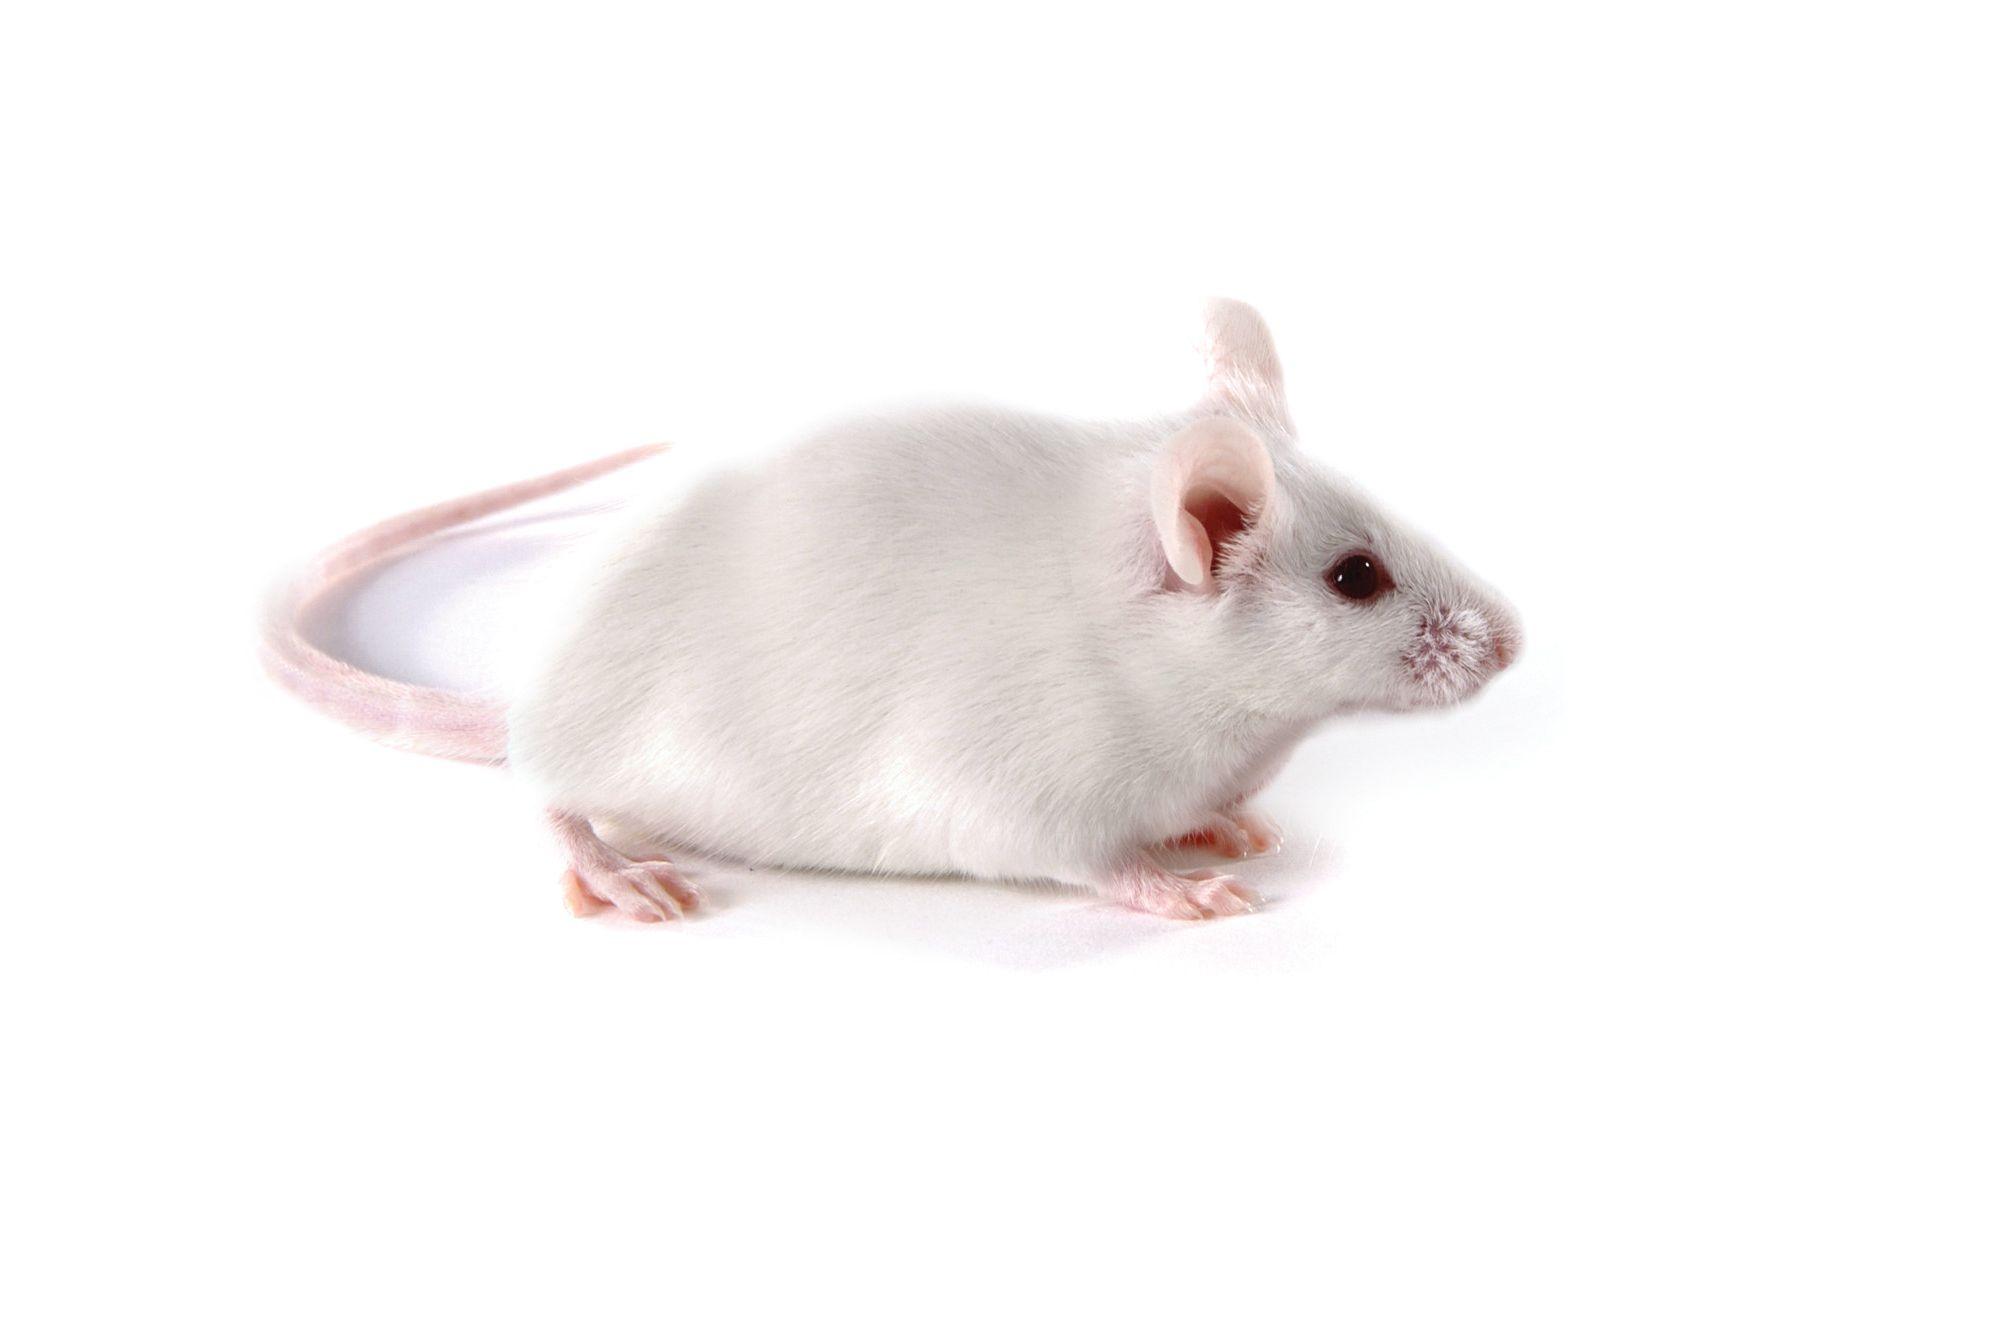 Triple-Immunodeficient Mouse